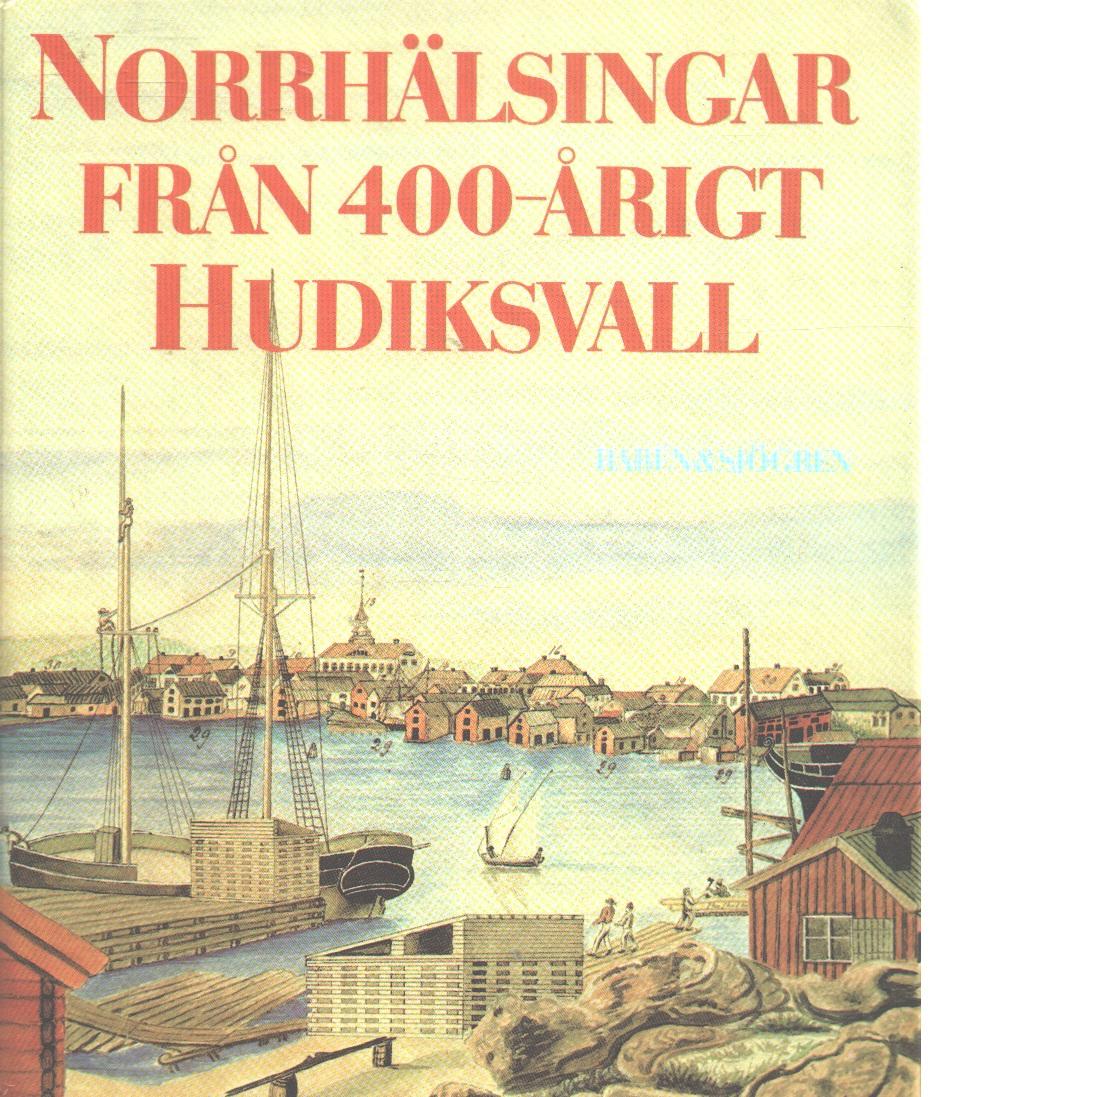 Norrhälsingar från 400-årigt Hudiksvall - Skoglund, Gösta